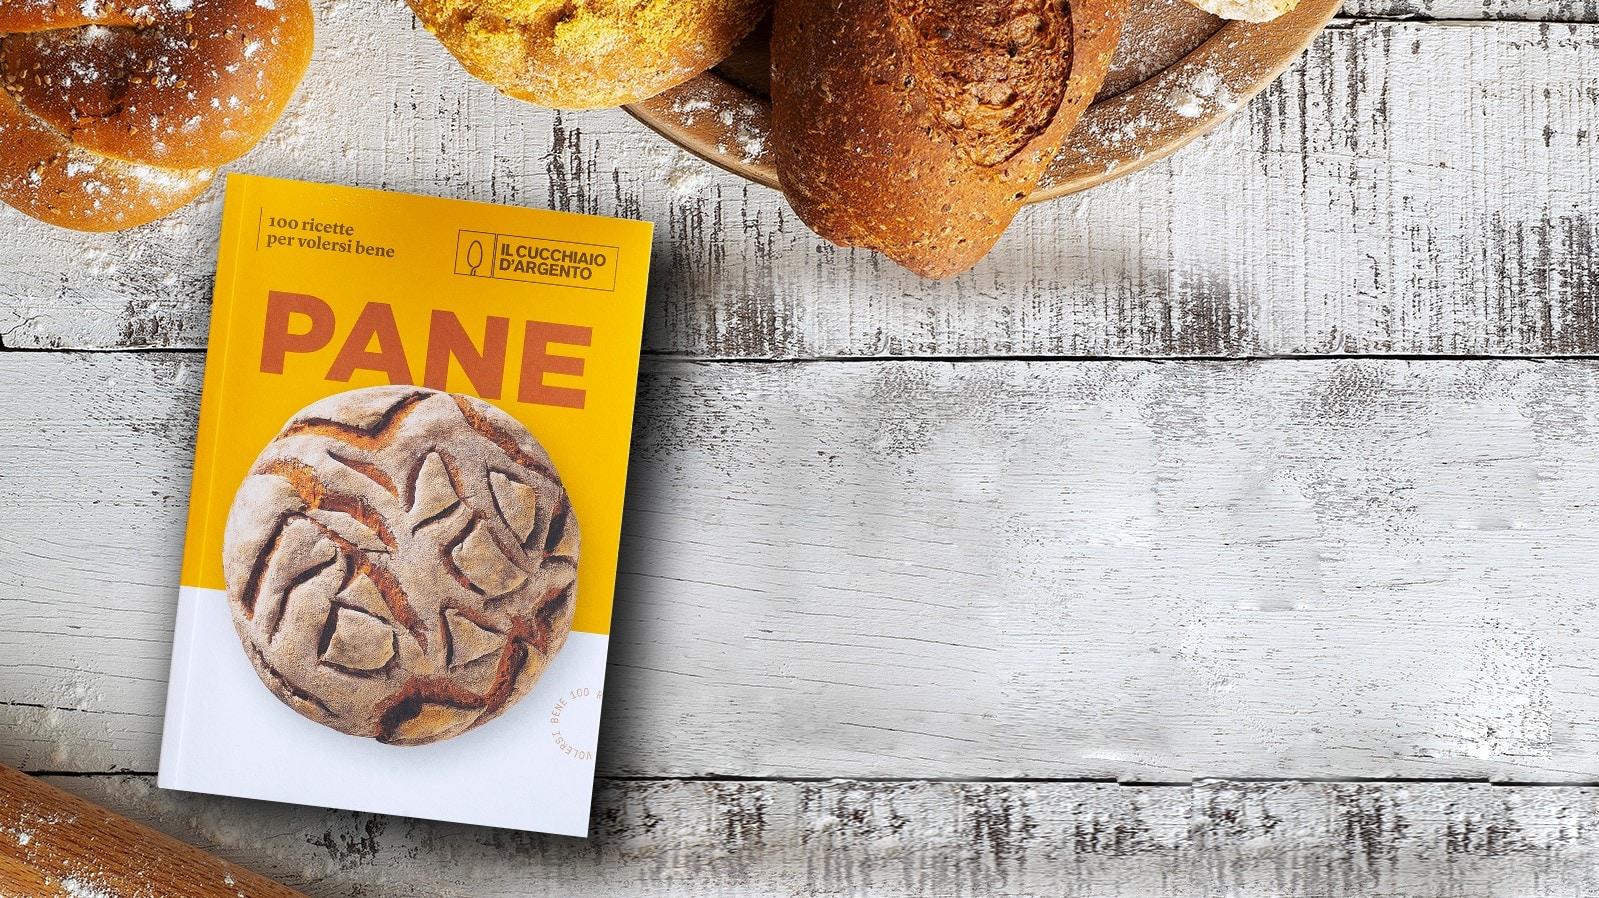 Viva il pane in casa! Nel nuovo volume di Cucchiaio le 100 ricette per volersi bene